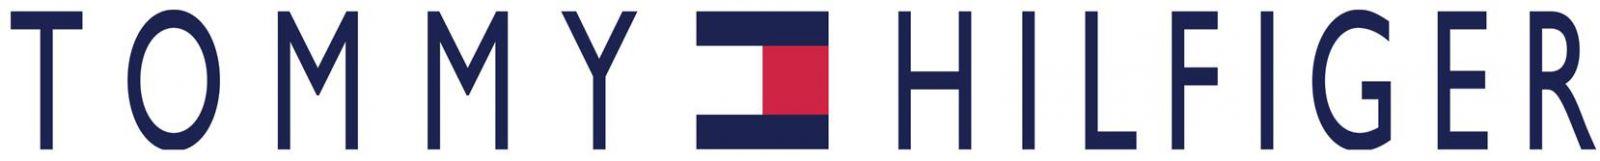 Tommy Hilfilger Logo